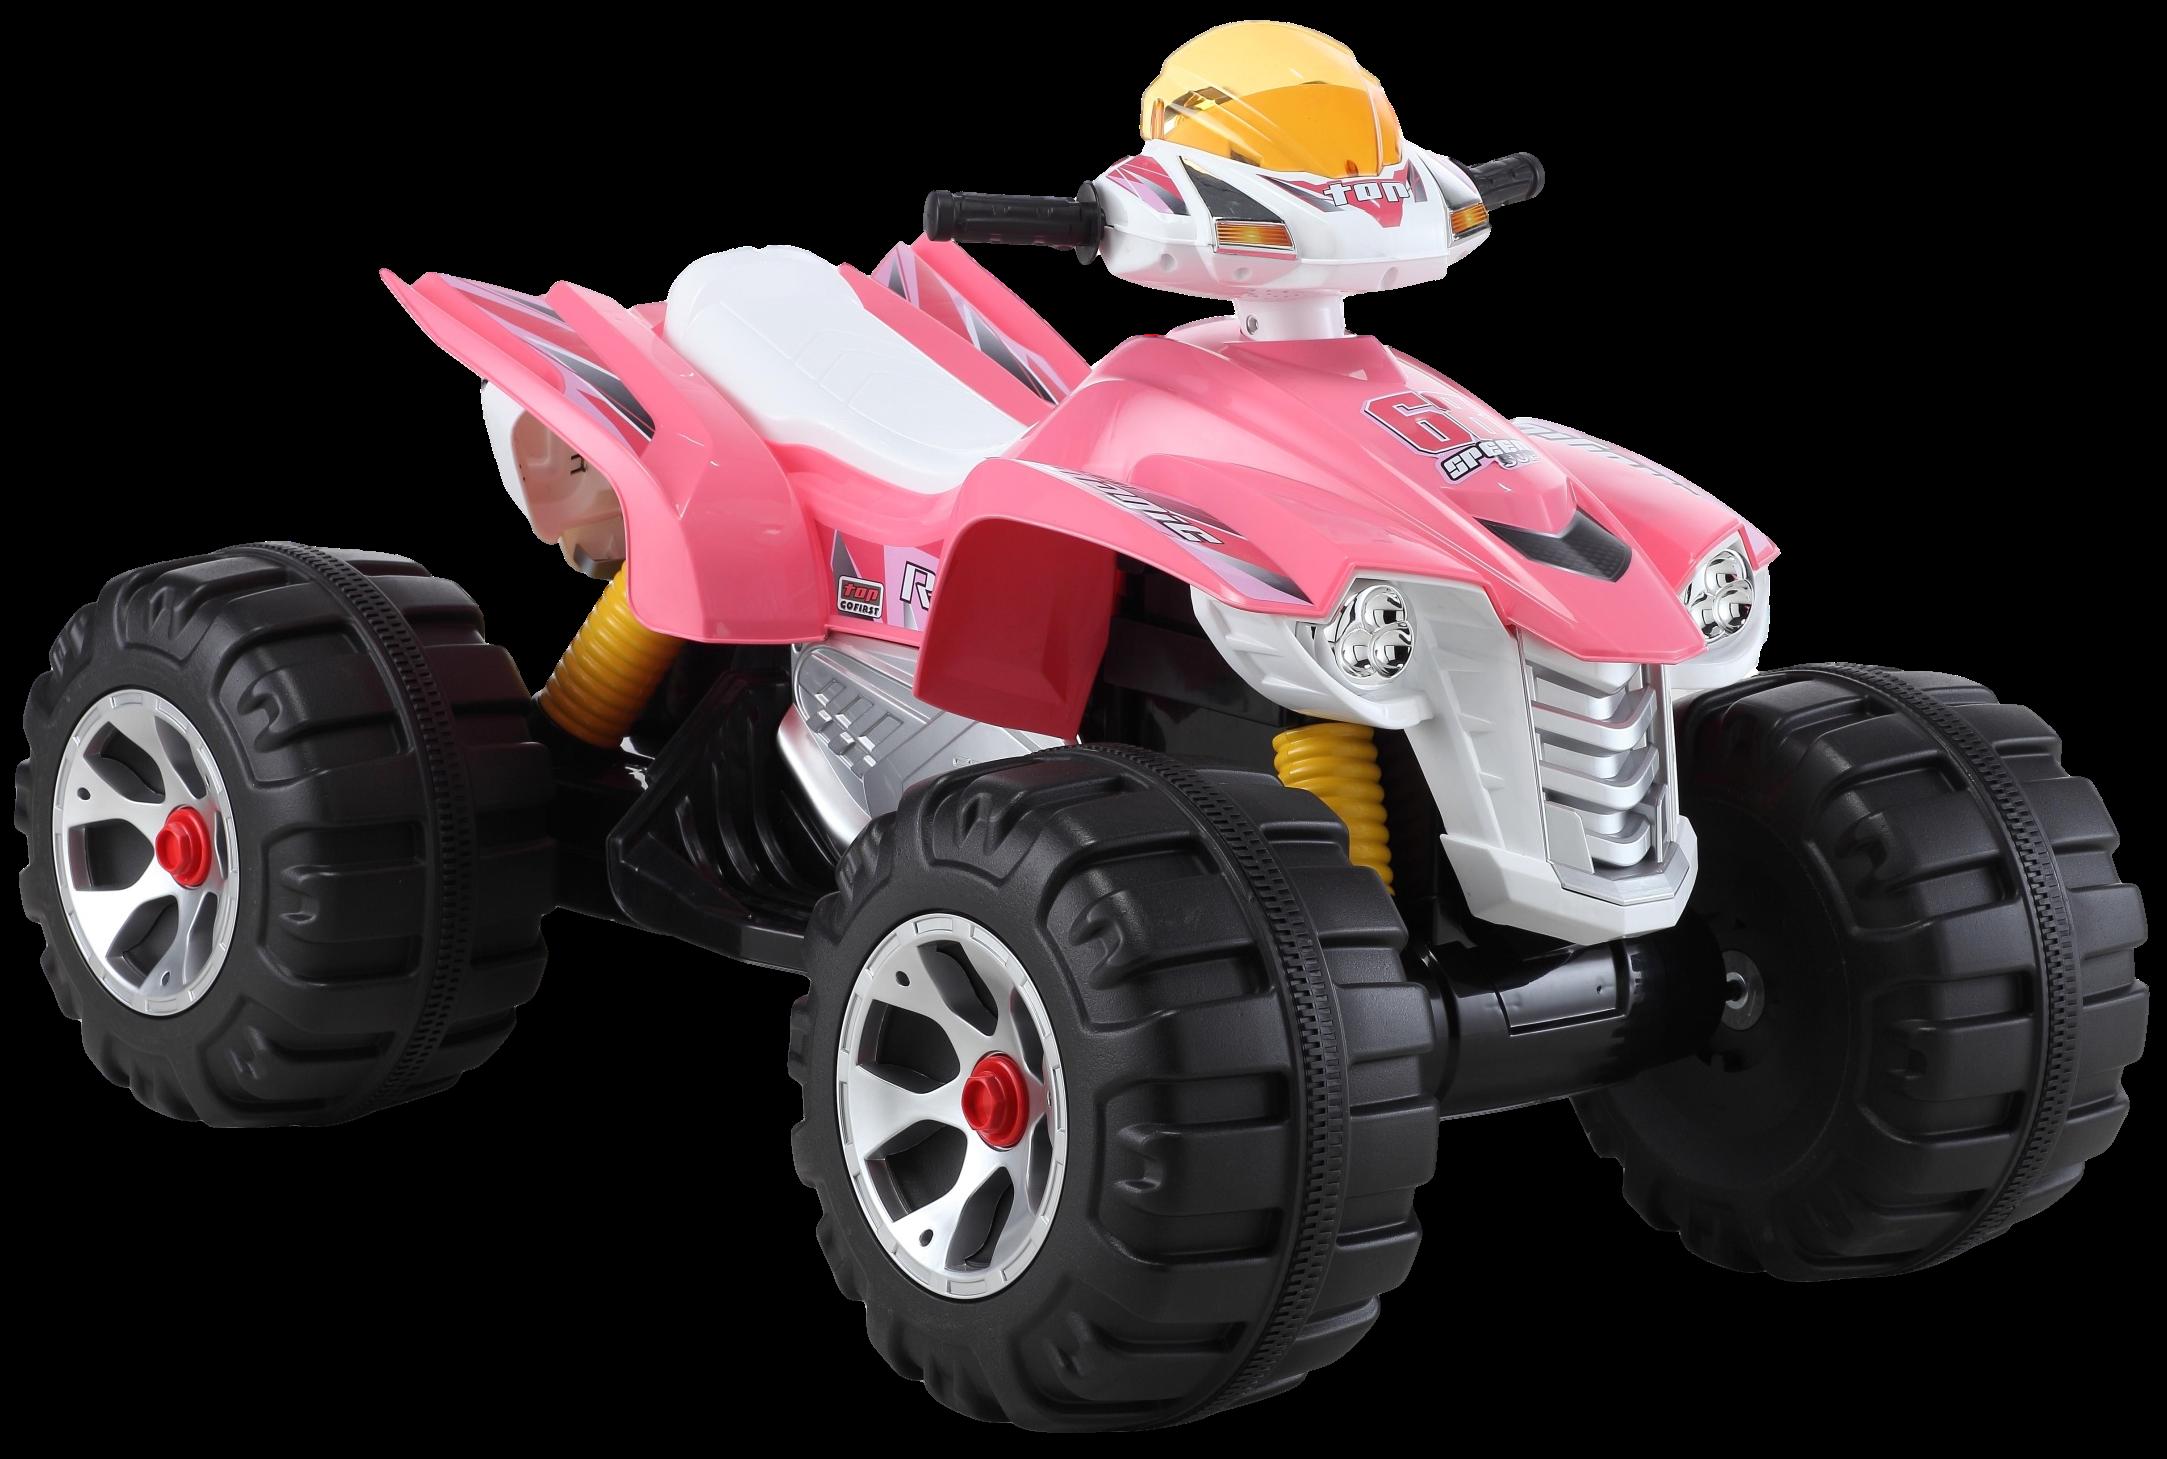 Купить Детский электромобиль Farfello, розовый JS318/1, Электромобили